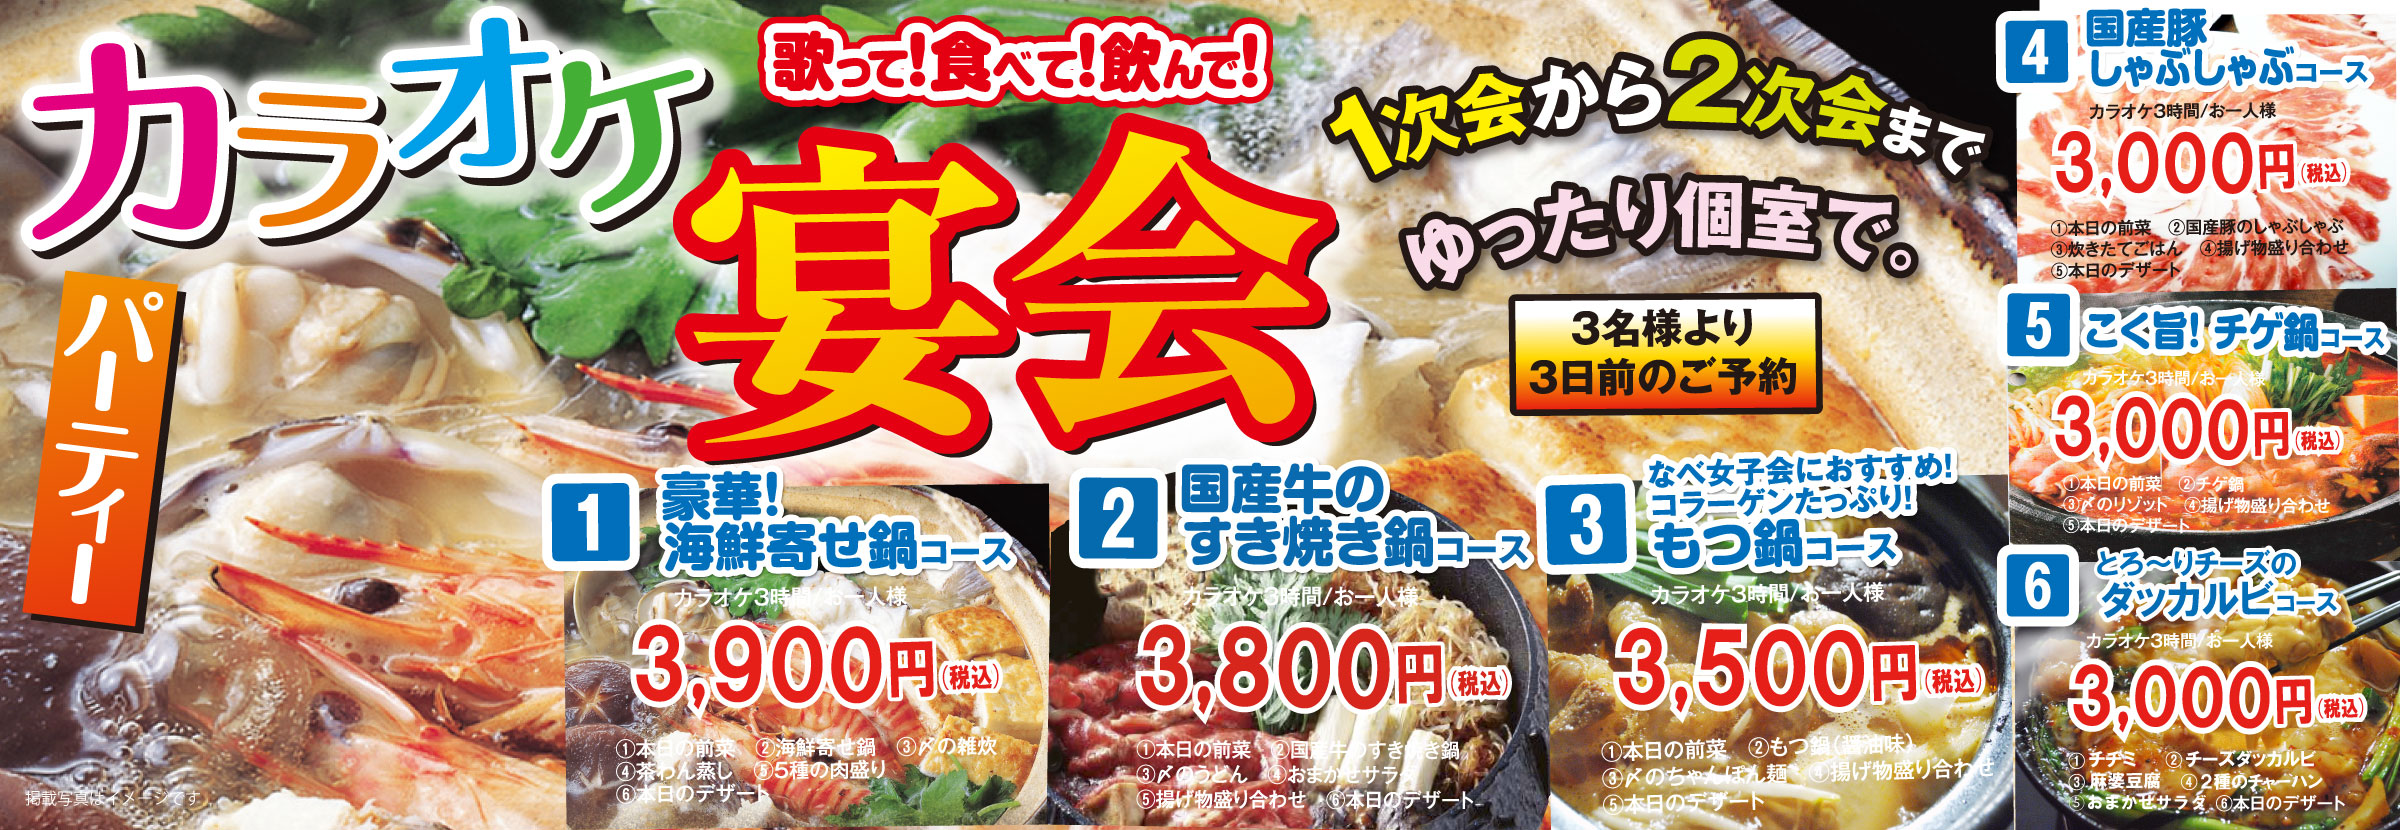 「平成」最後の年にリバーサイドで盛り上がろう!忘年会予約承り中!